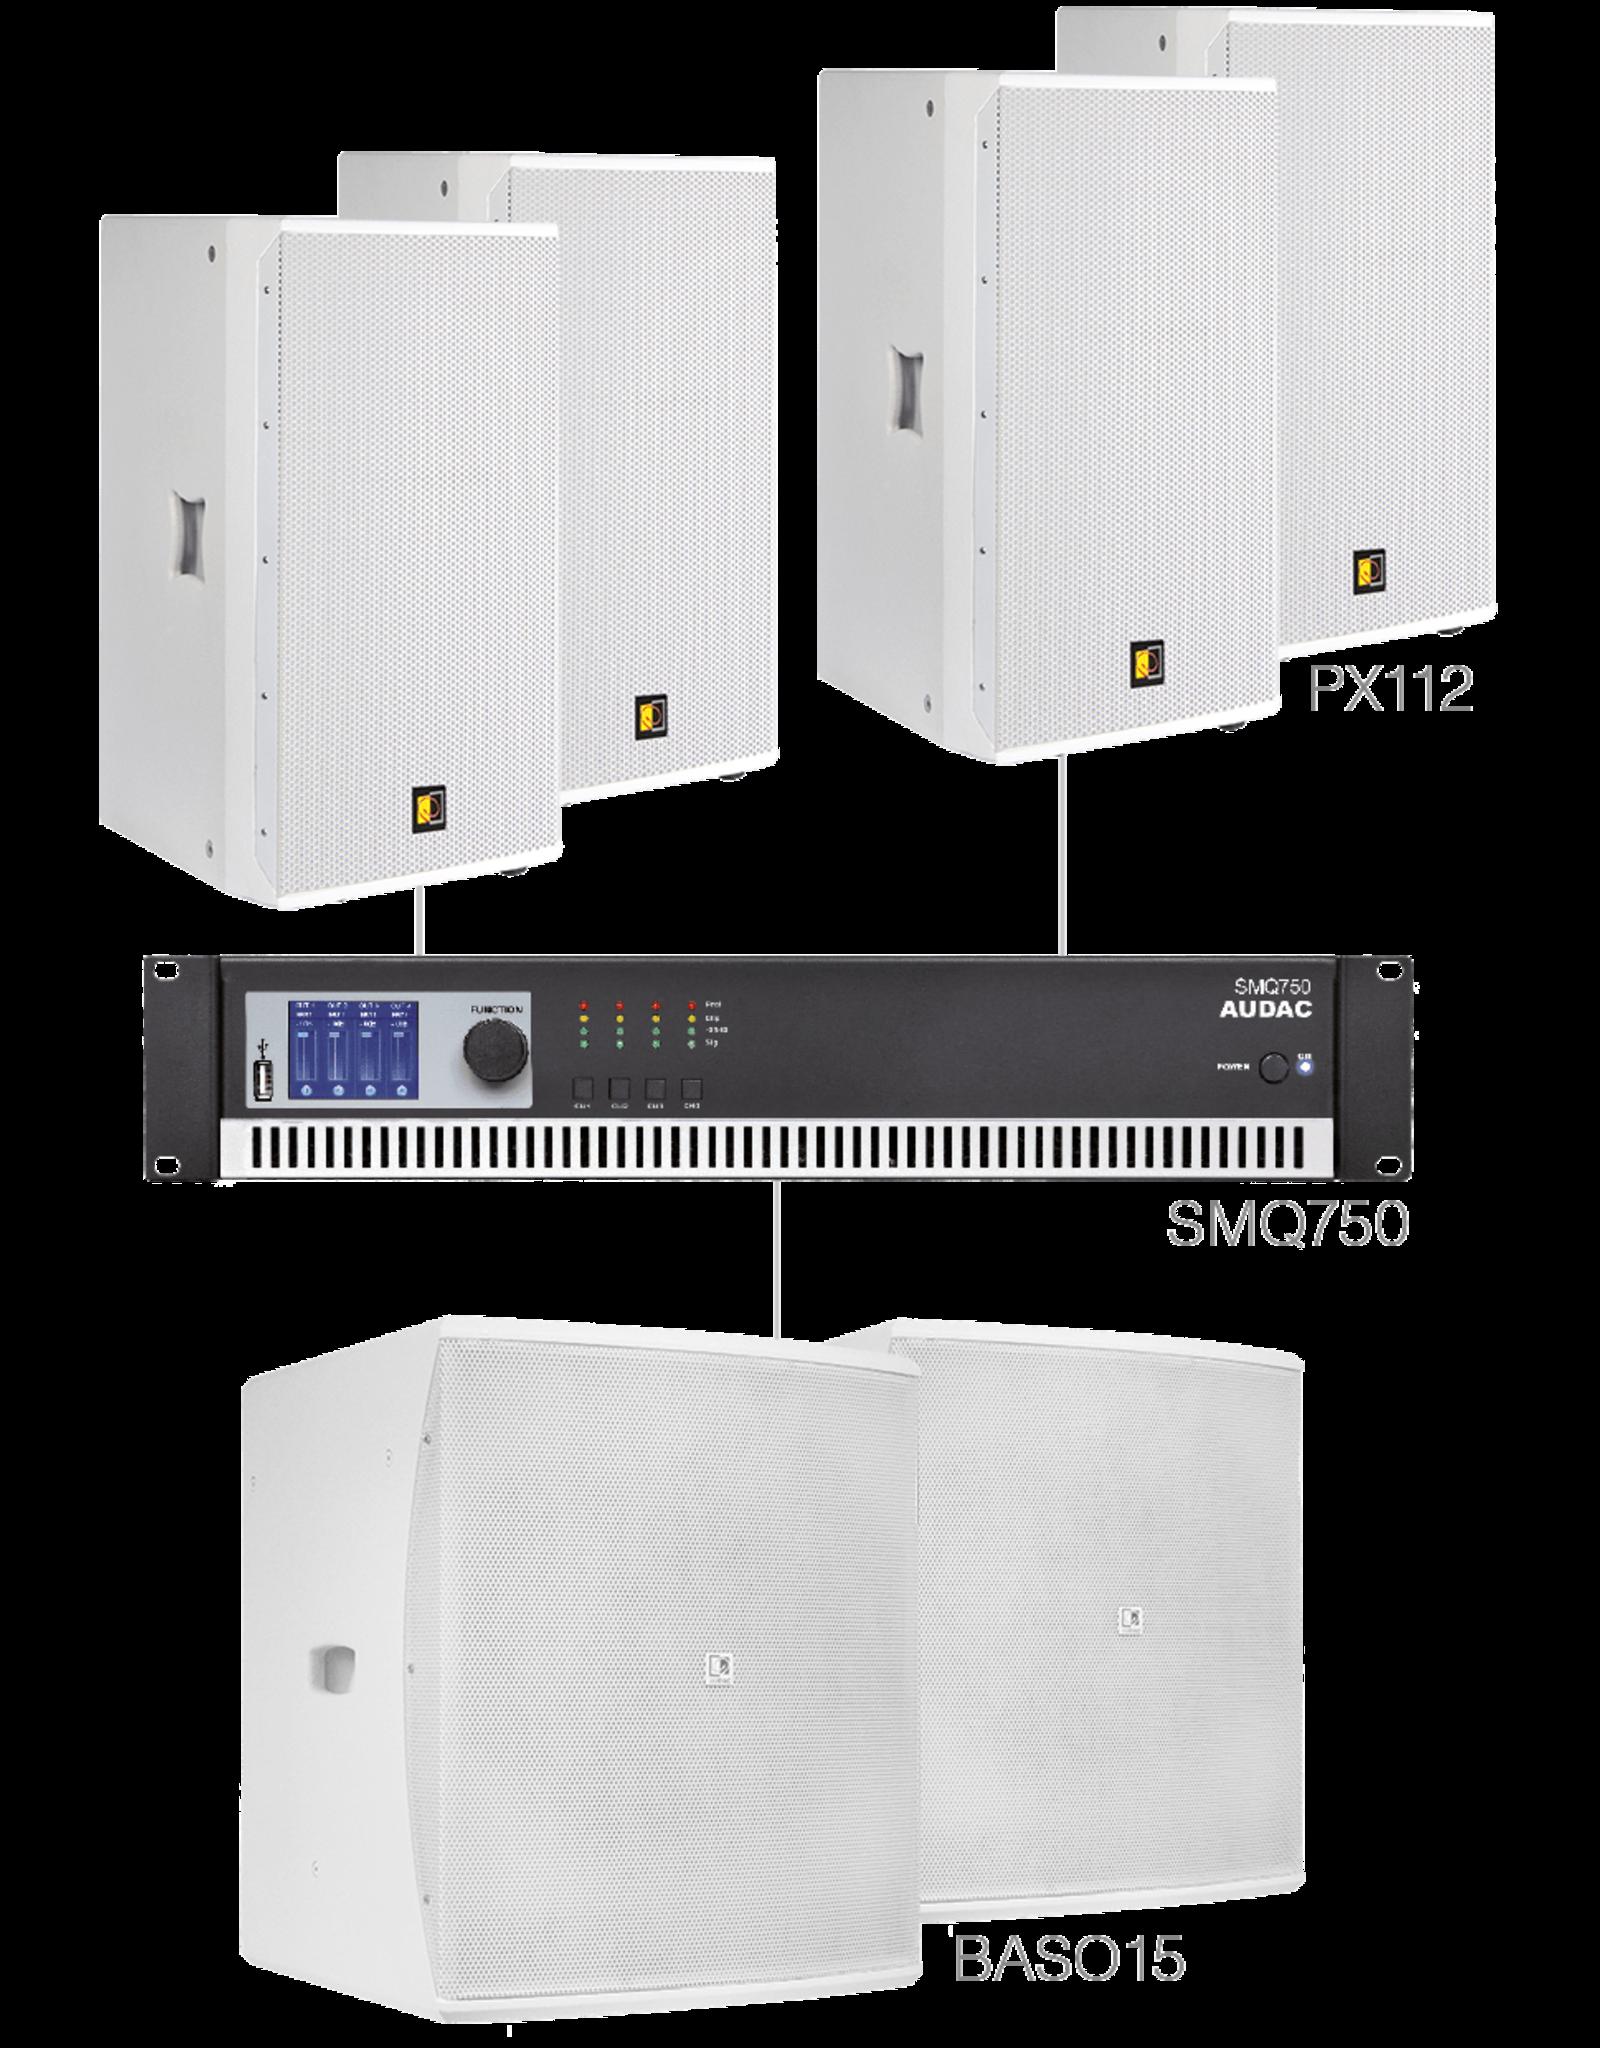 Audac 4 x PX112 + 2 x BASO15 + SMQ750 White version